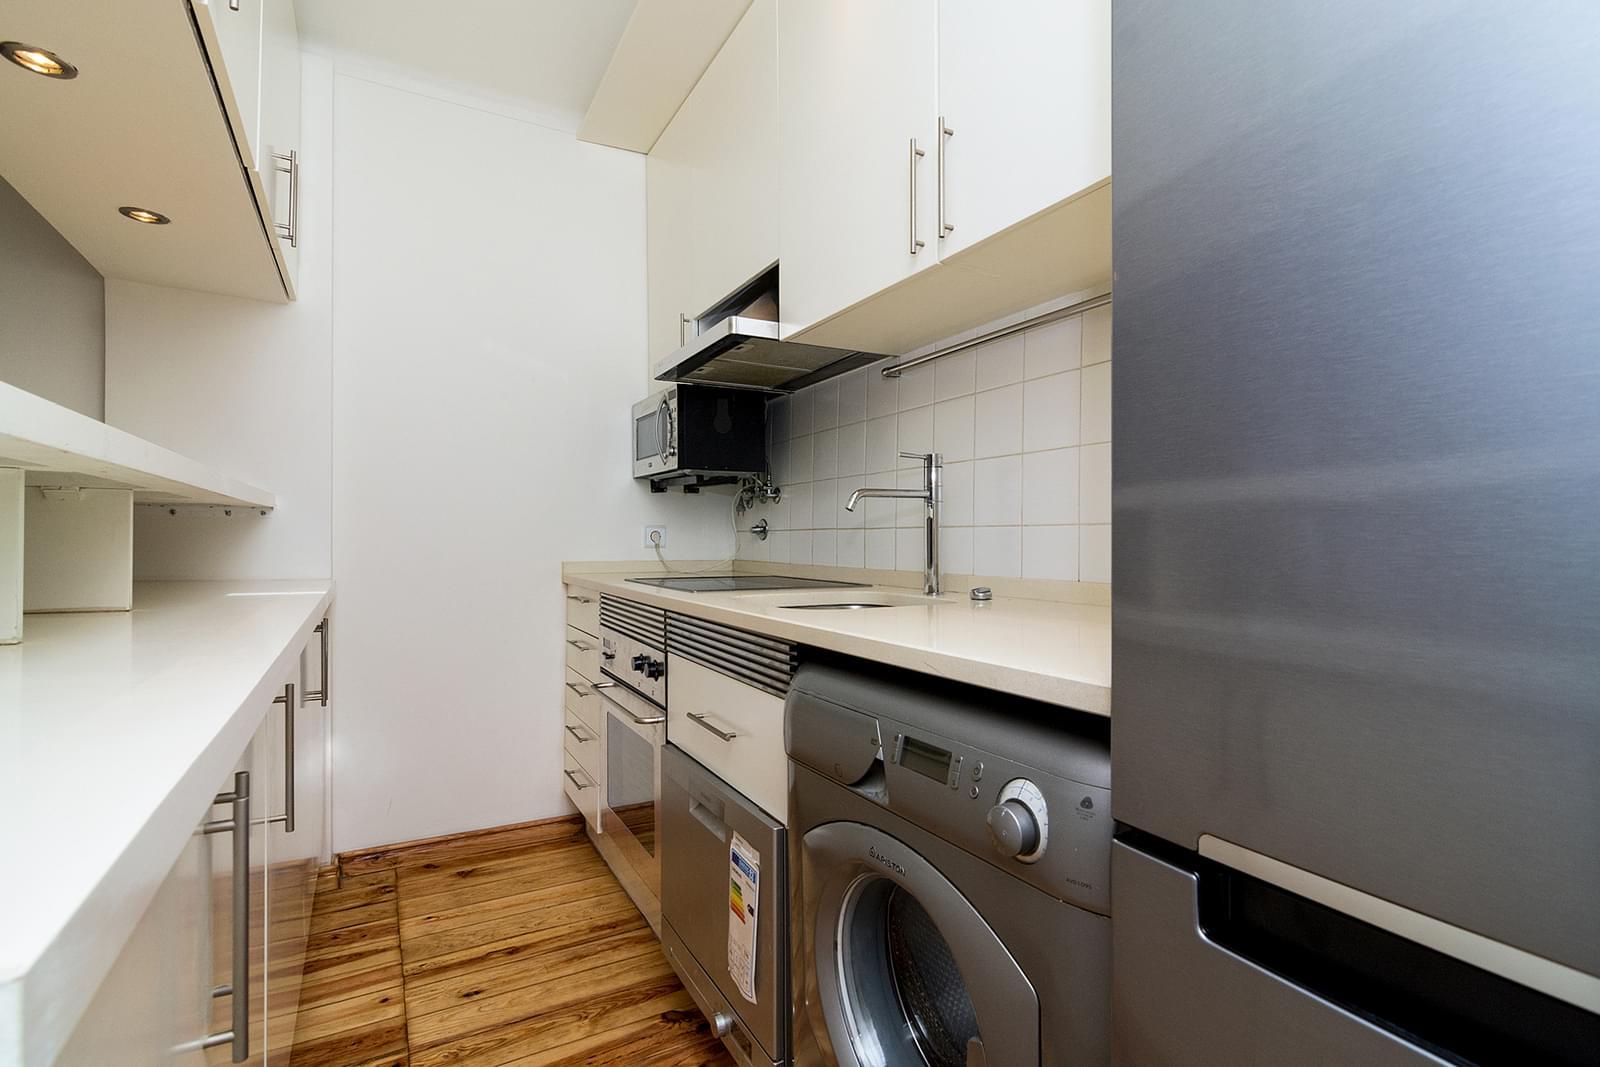 pf17176-apartamento-t0-lisboa-c41fde8e-1933-4ffc-9aa3-3146f96040f9